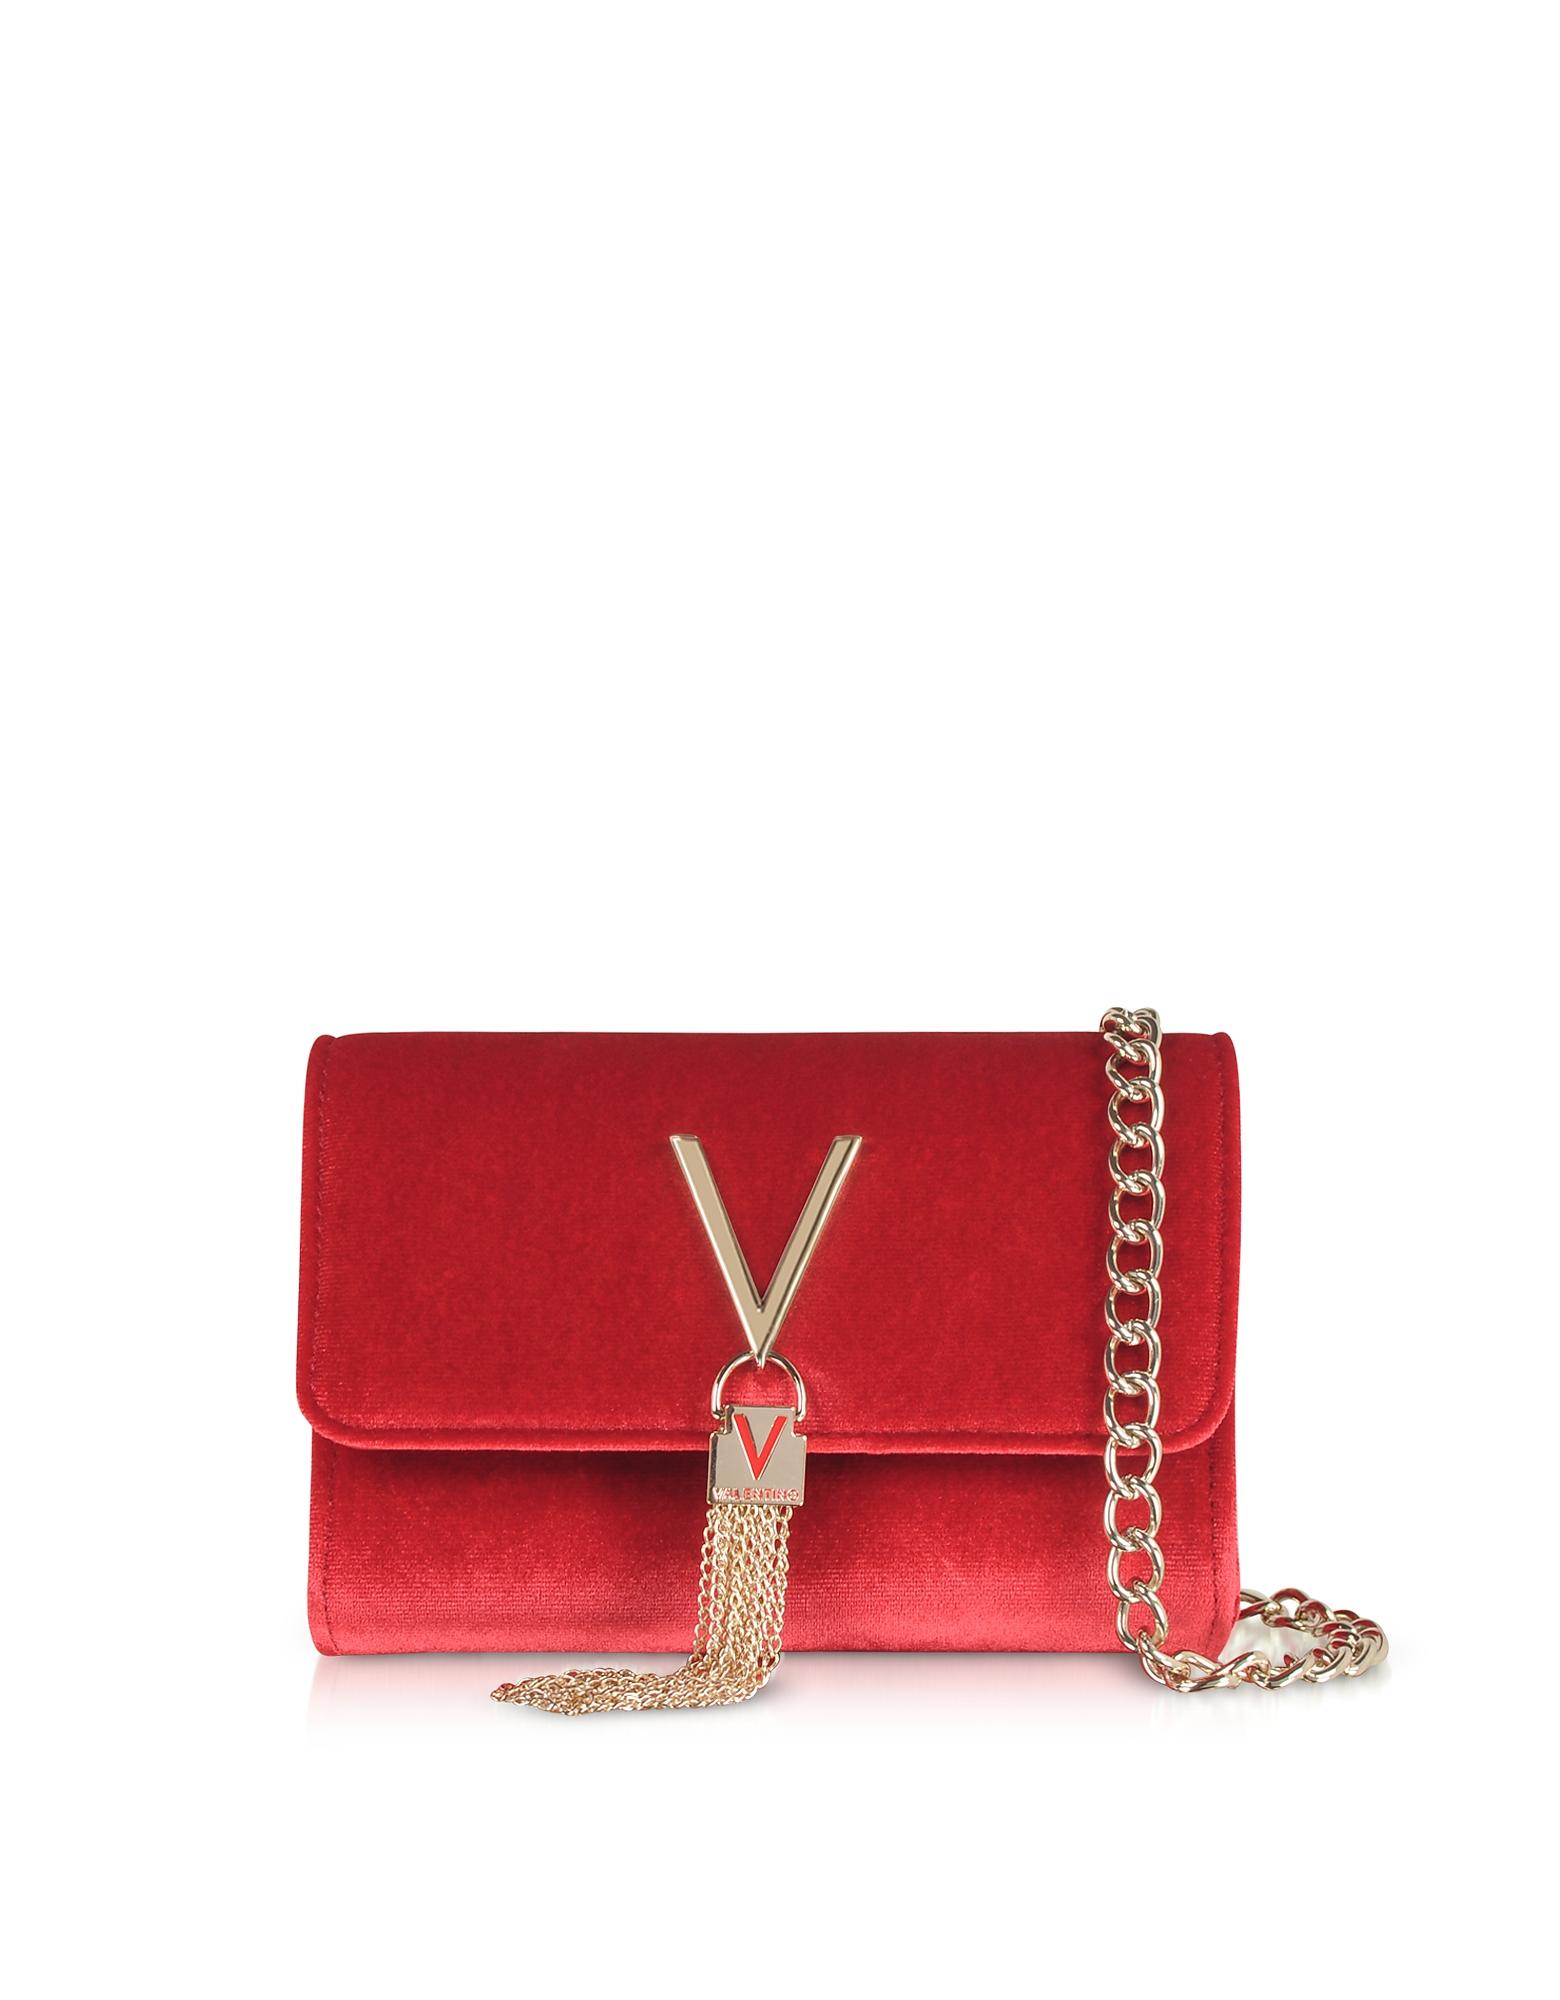 Valentino by Mario Valentino Designer Handbags, Marilyn Velvet Small Shoulder Bag